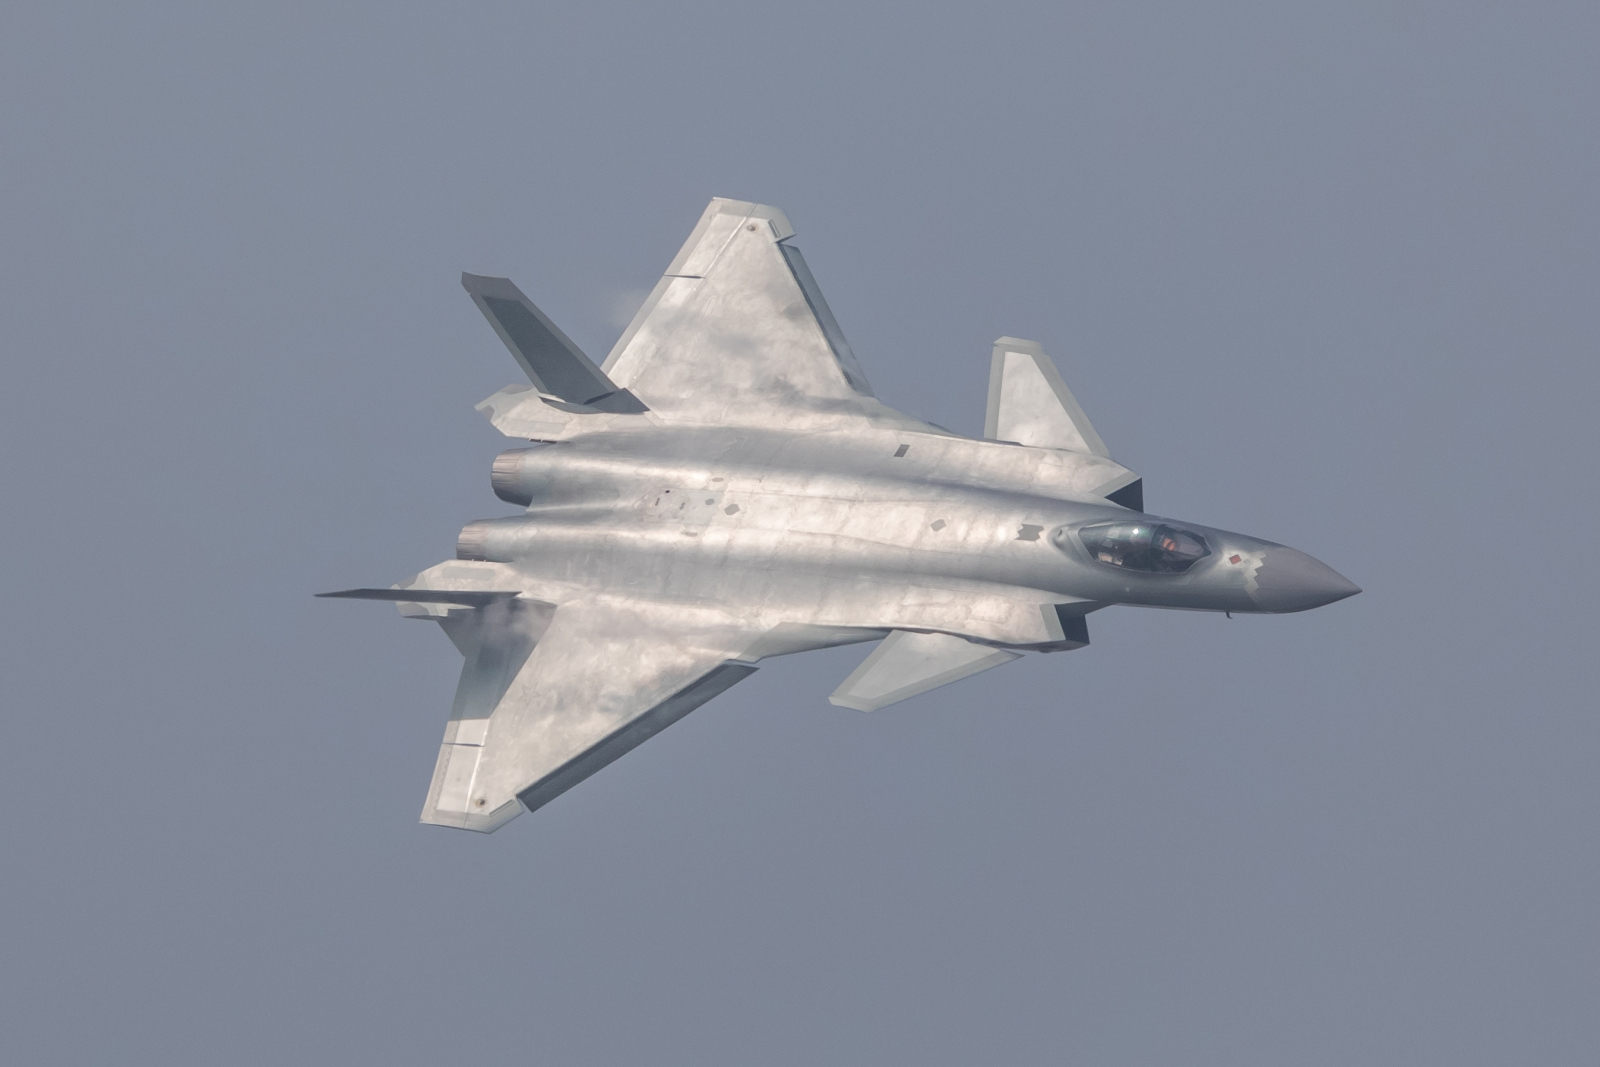 J-20 vs F-35